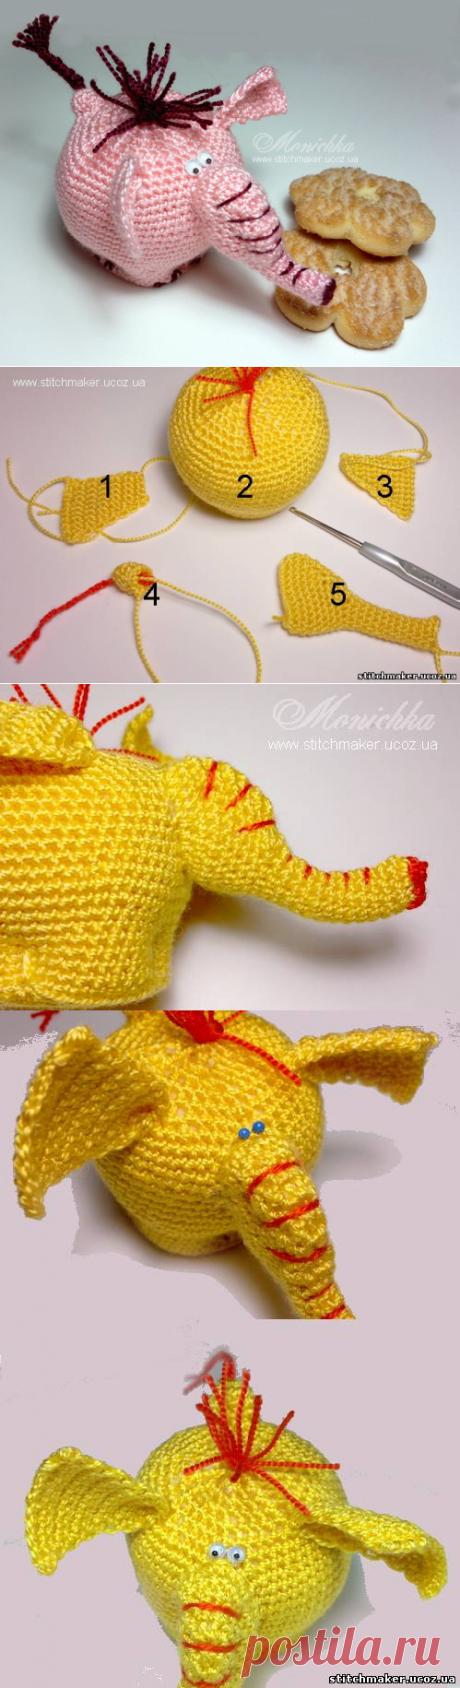 Слон Пончик - Мастер-классы по вязанию - Статьи о вышивке - Мастерская Stitchmaker.Авторские схемы М.Горшковой.